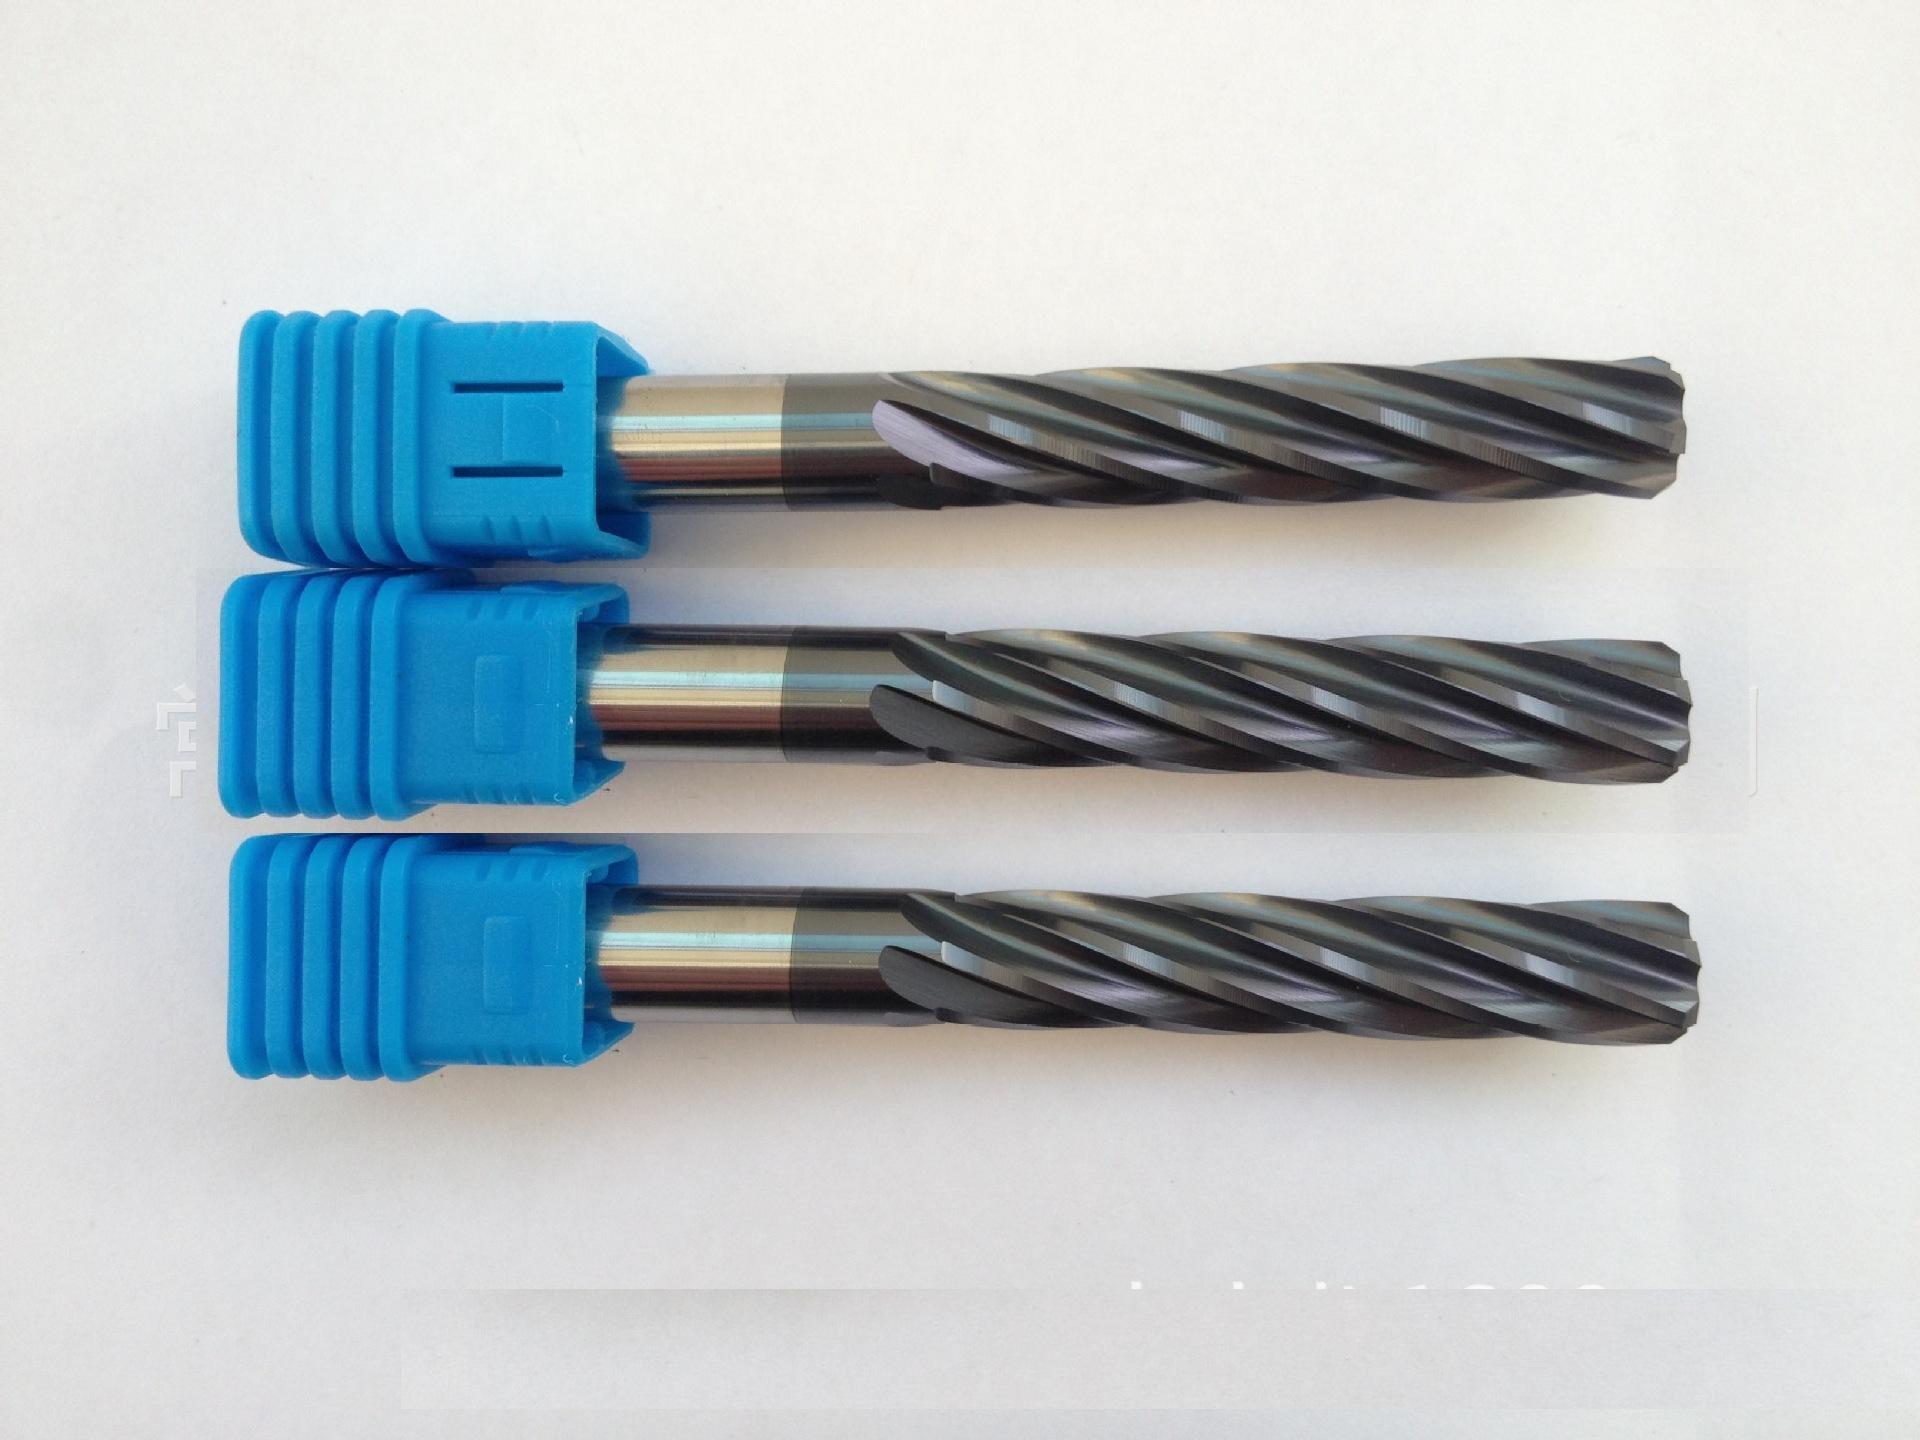 合金成型鉸刀加工孔徑精度高光潔度好 2